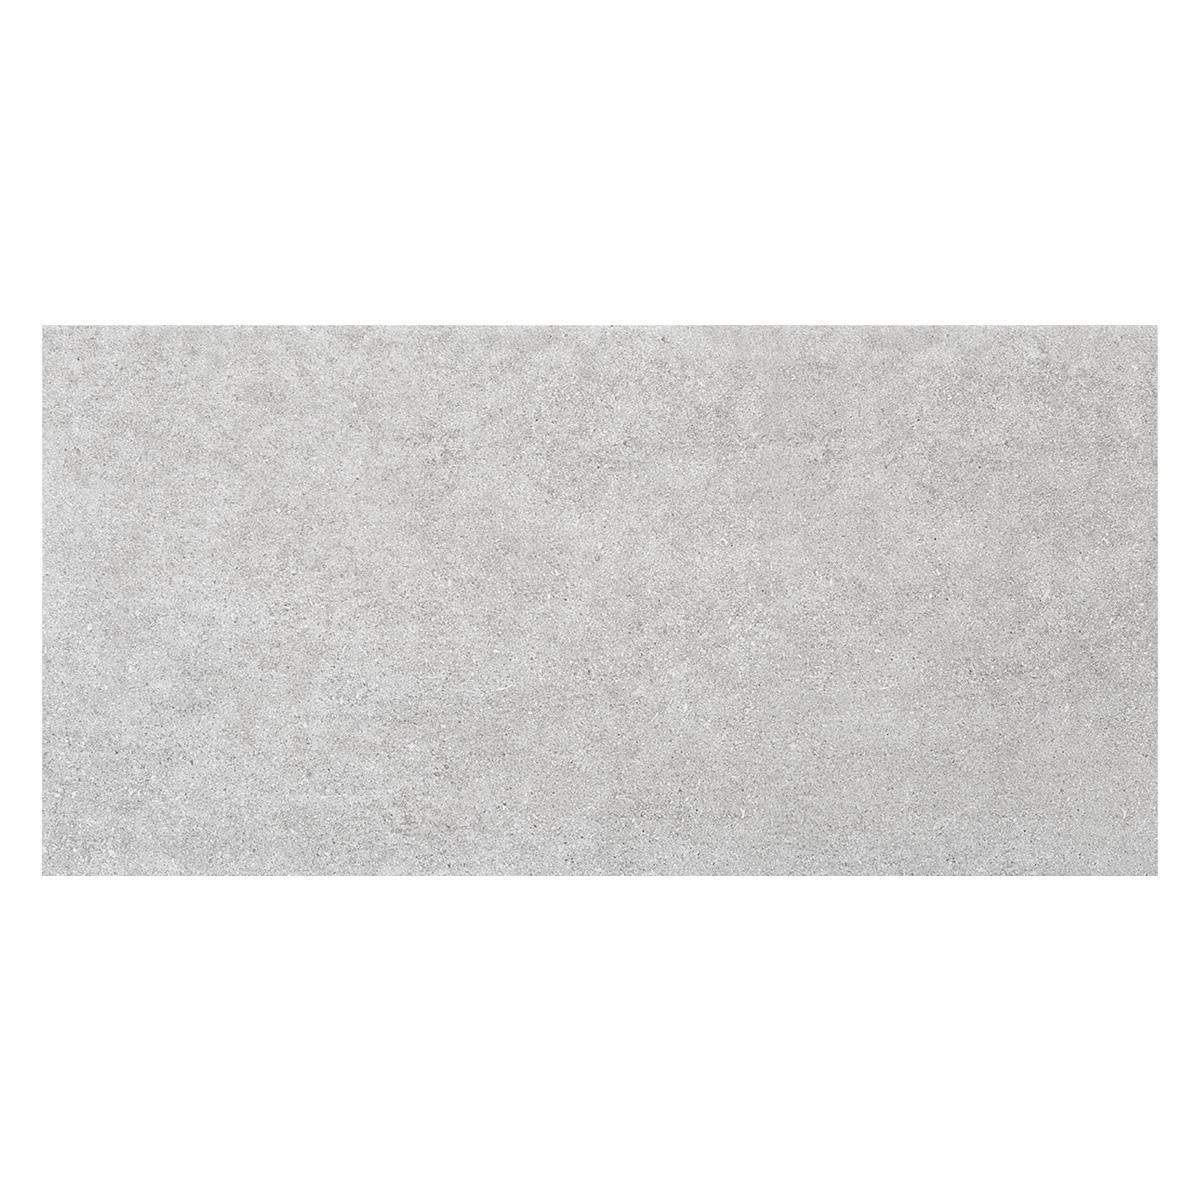 Porcelanato Sement Gris Mate - 45X90 cm - 1.21 m2